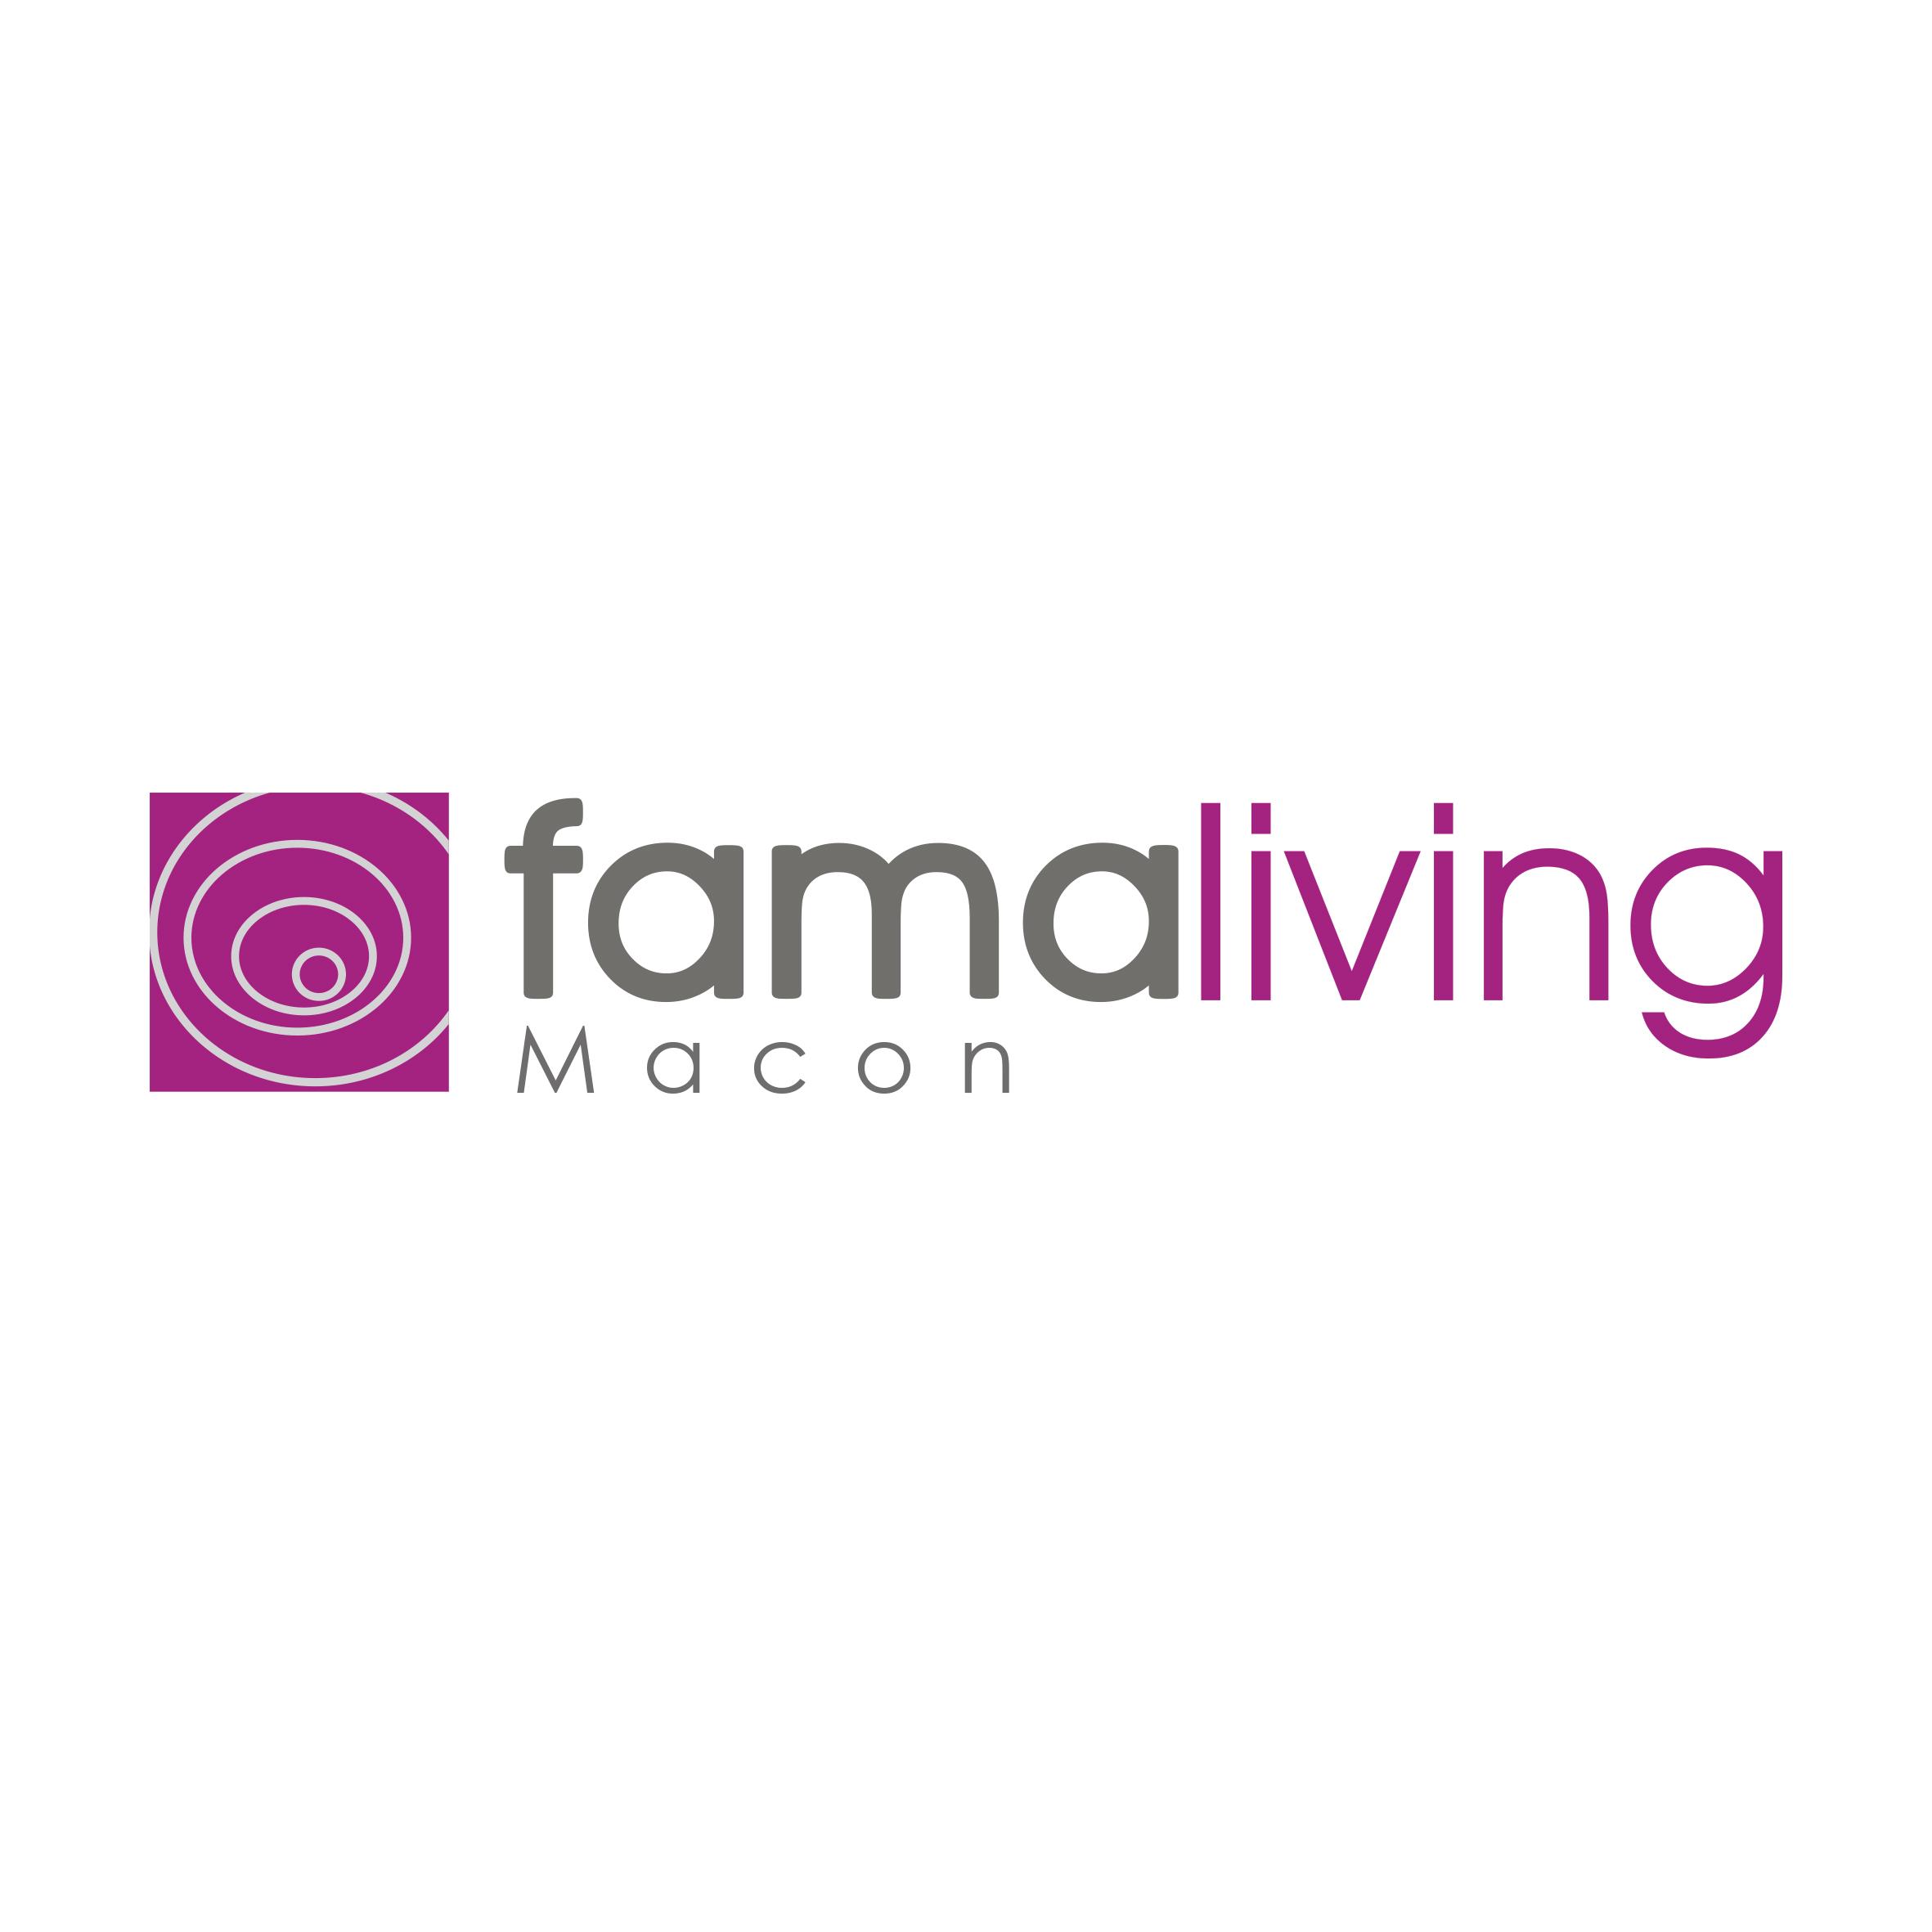 Famaliving Macon